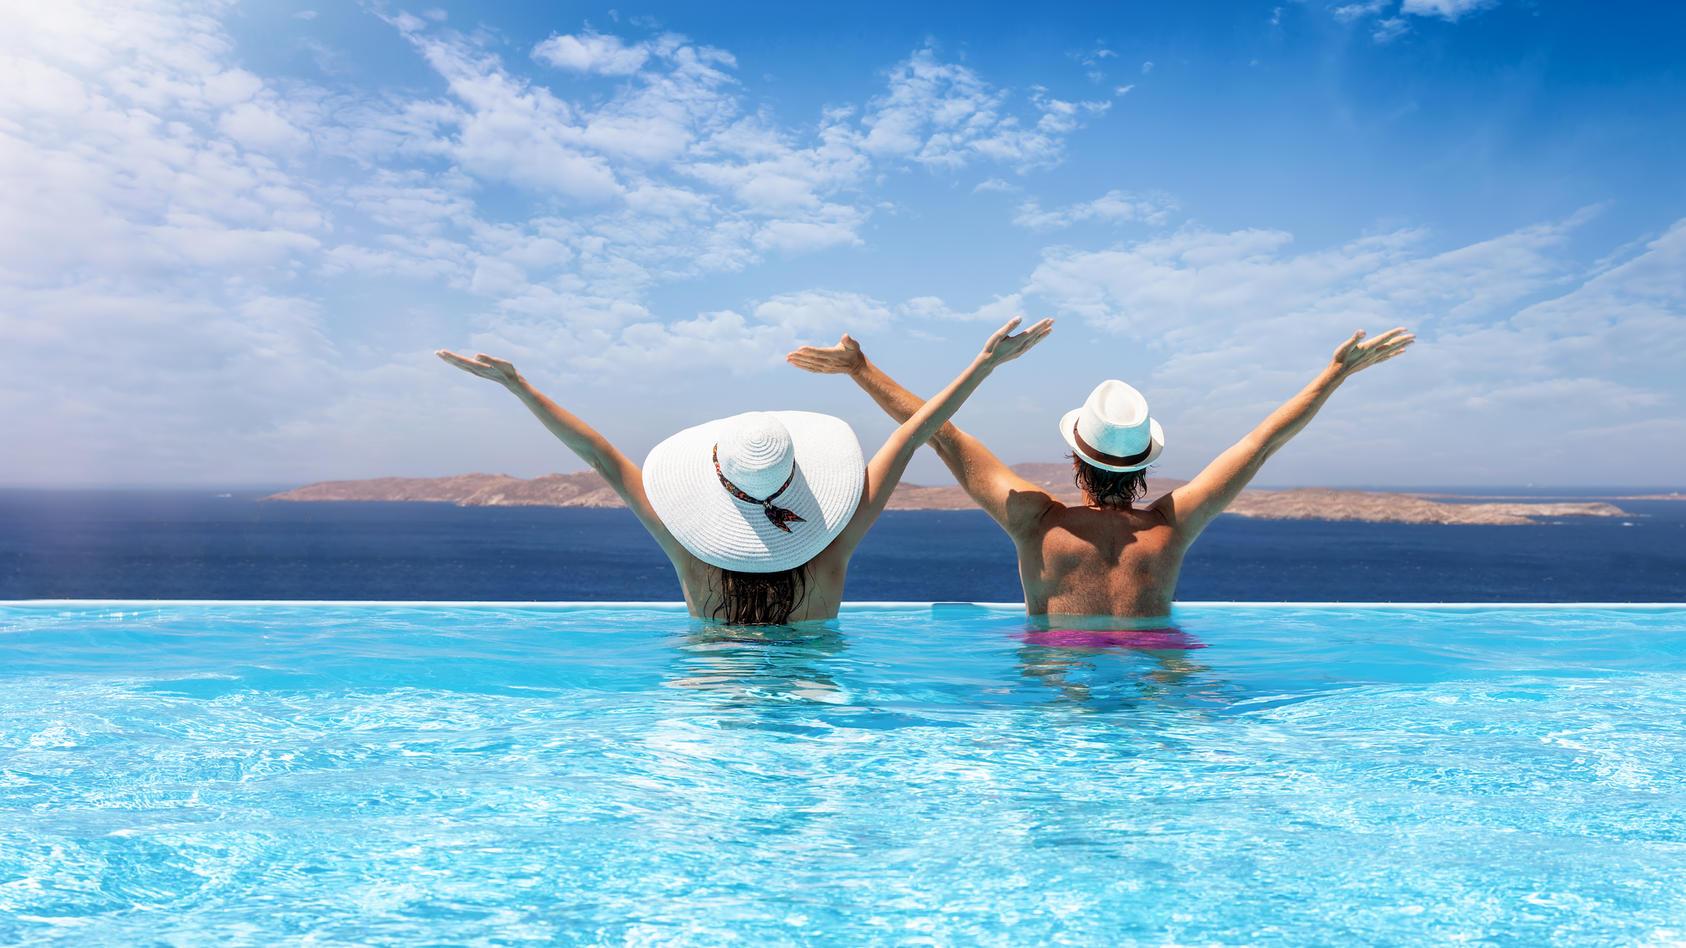 Ab in den Urlaub! Mit der Aufhebung der Reisewarnung für Risikogebiete rückt diese Hoffnung immer mehr in greifbare Nähe!